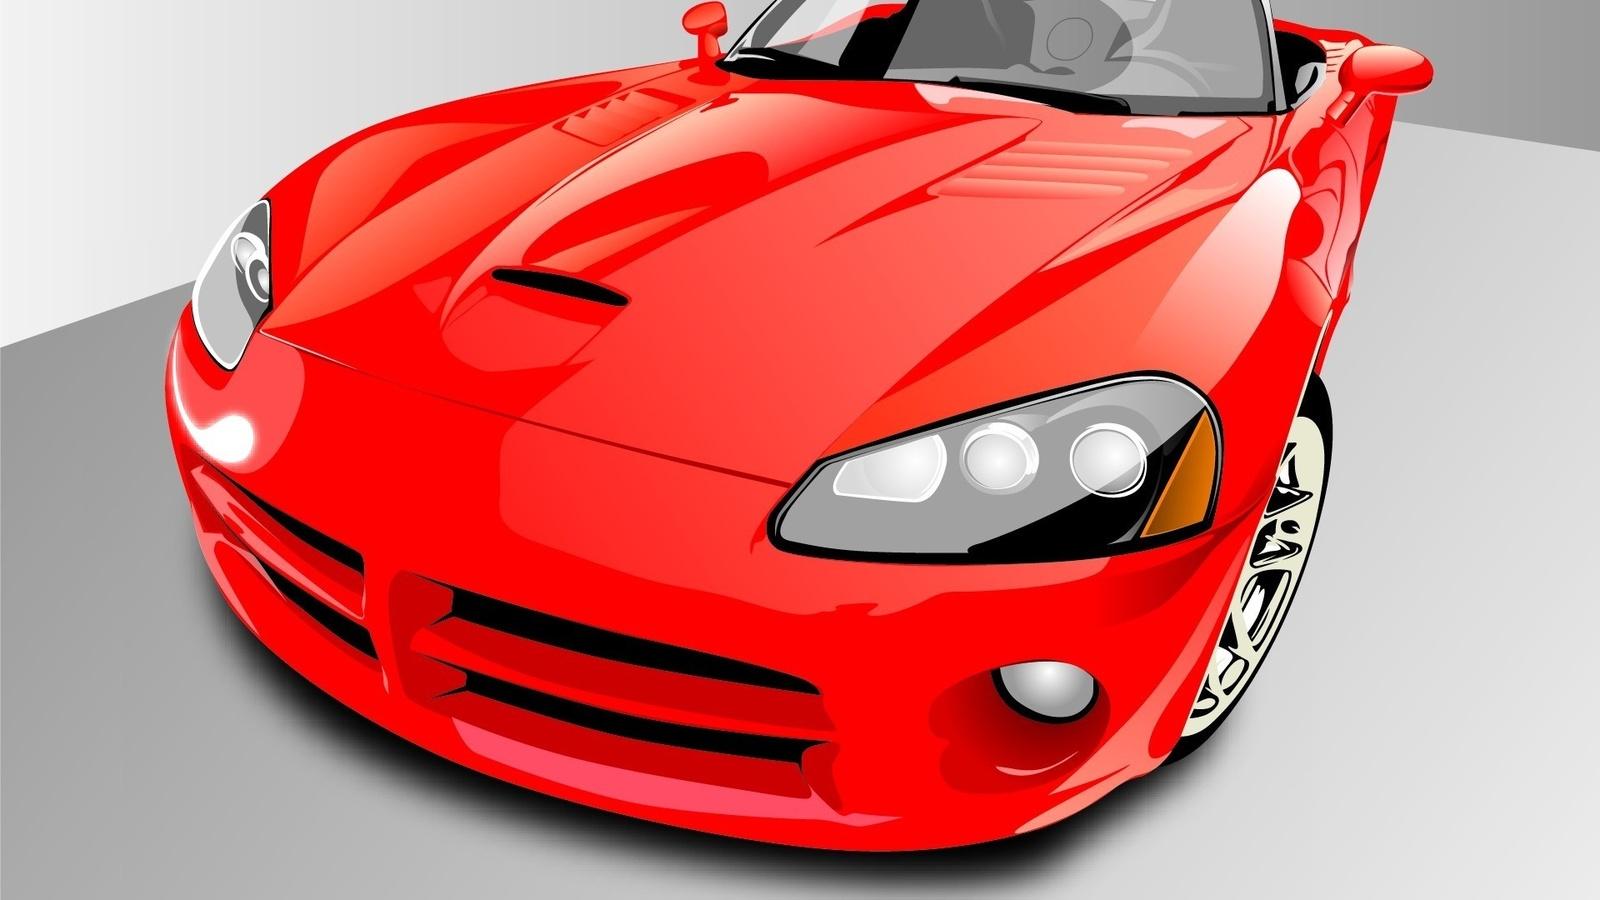 Картинки с изображением машин